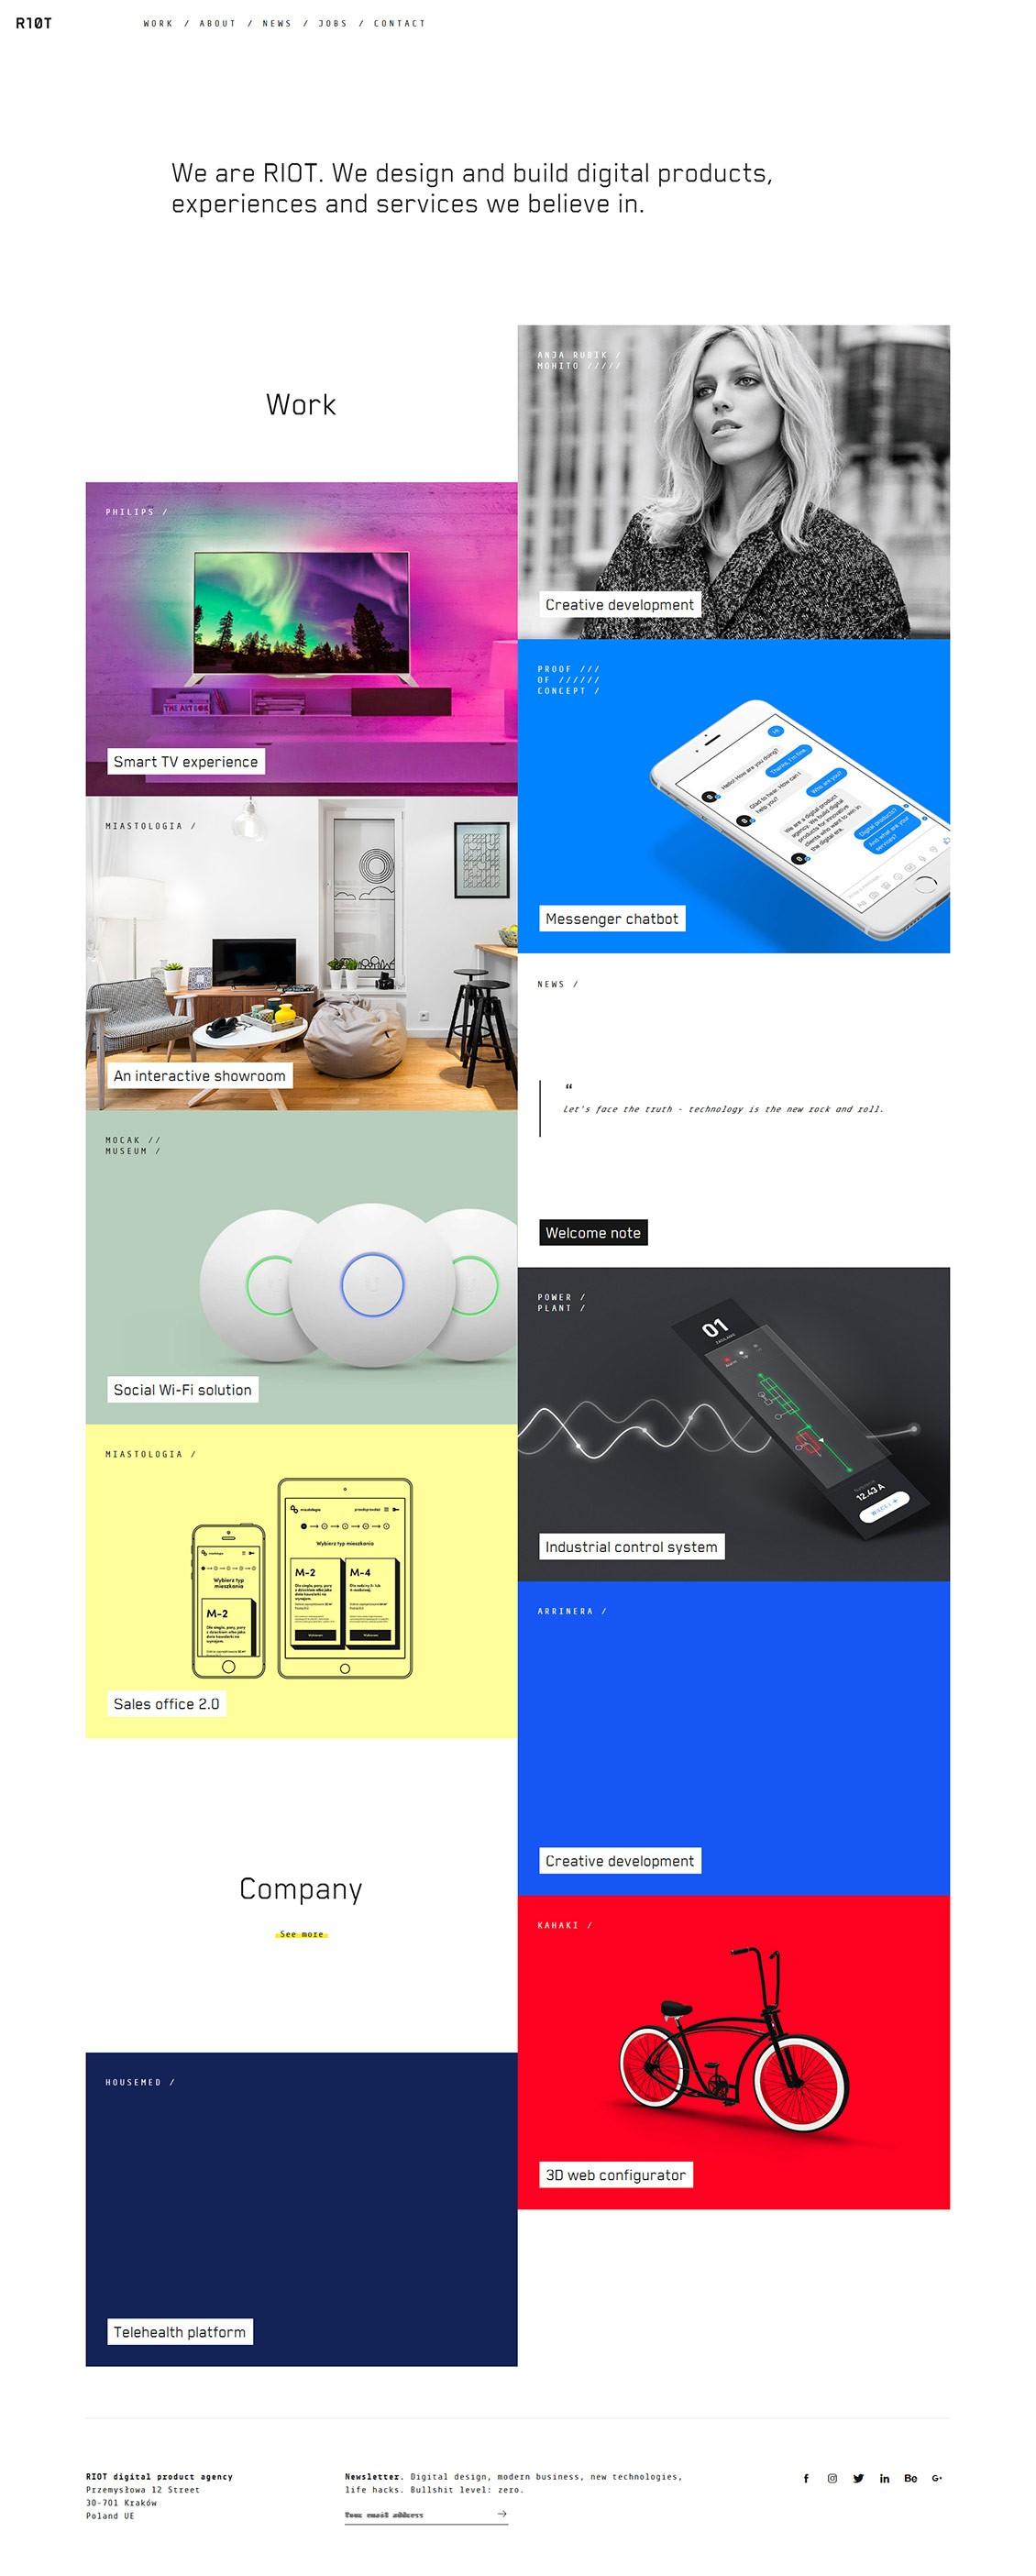 RIOT数字设计公司网站界面设计